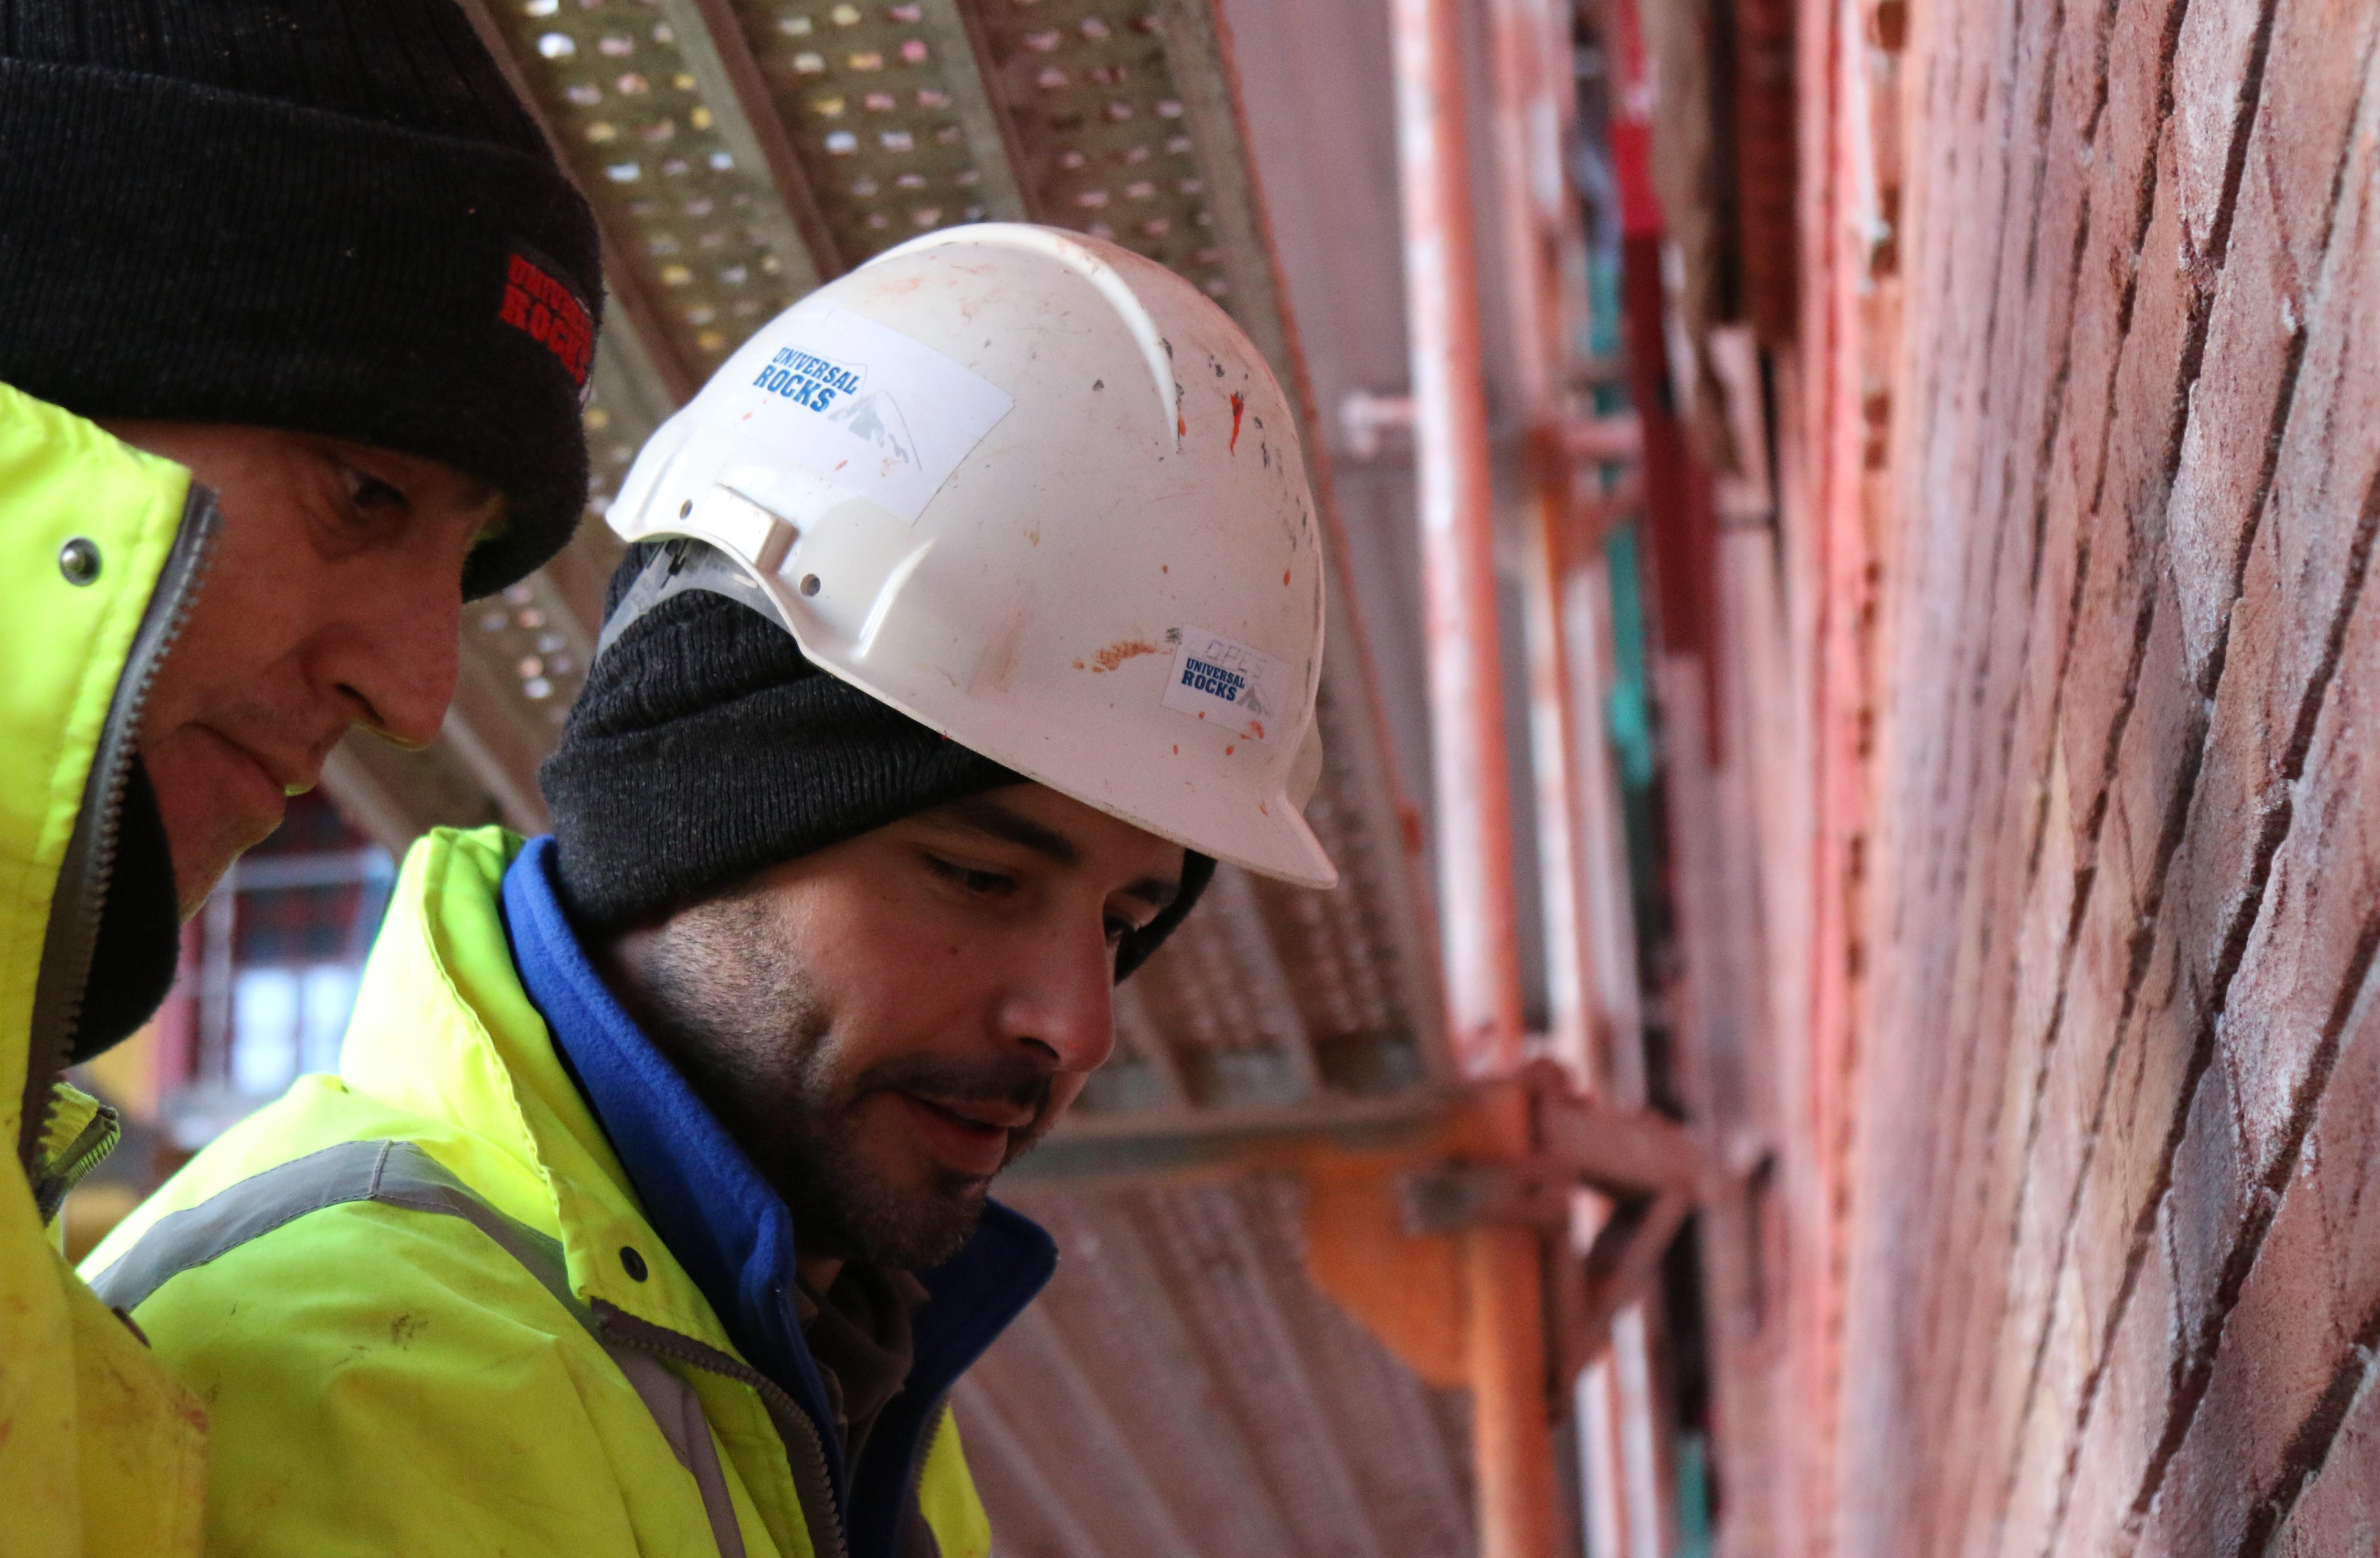 José Alberto Antunes Lopes (weißer Bauhelm) zeigt seinem Kollegen, was es noch zu tun gibt